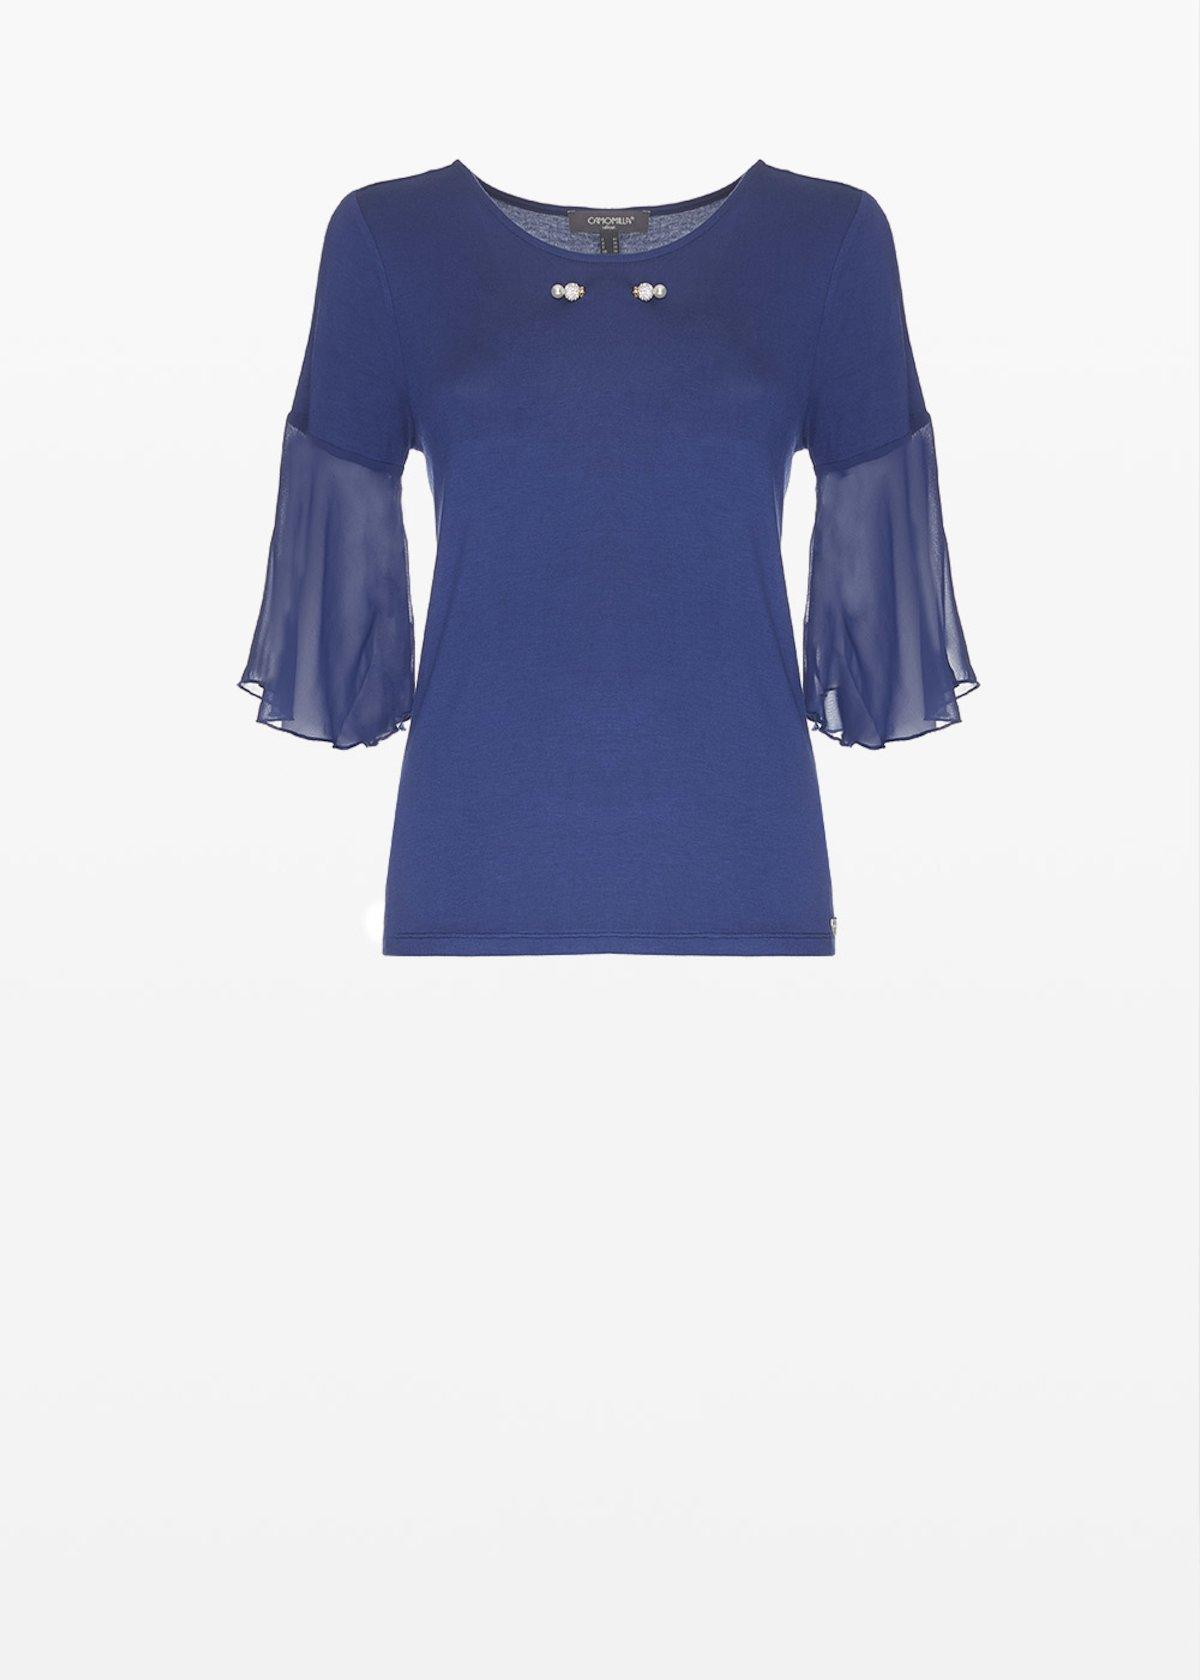 T-shirt Serenity in jersey dal dettaglio piercing sul davanti - Night - Donna - Immagine categoria